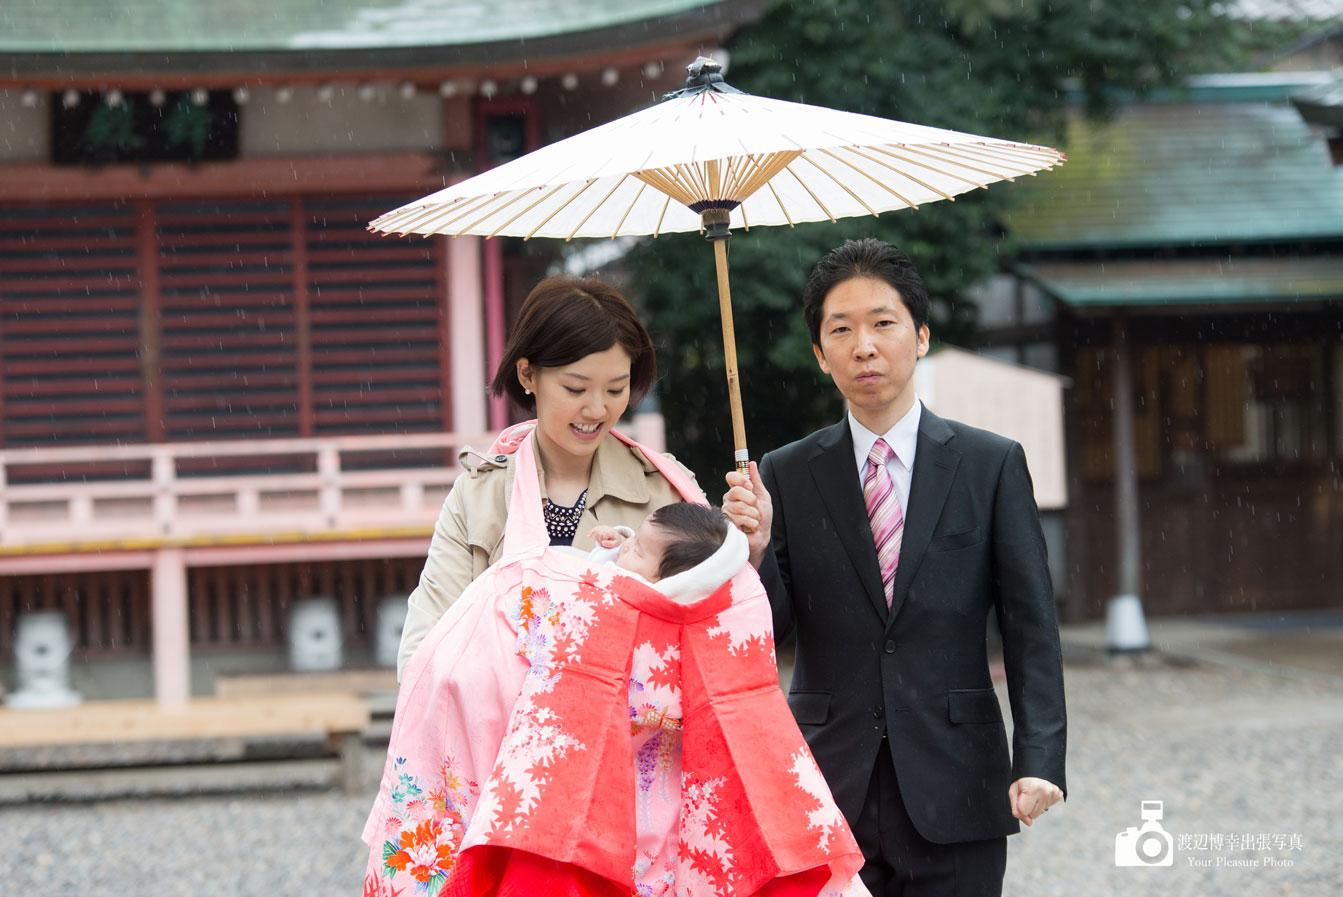 rainy-kawagoe-hikawa-omiyamairi-5